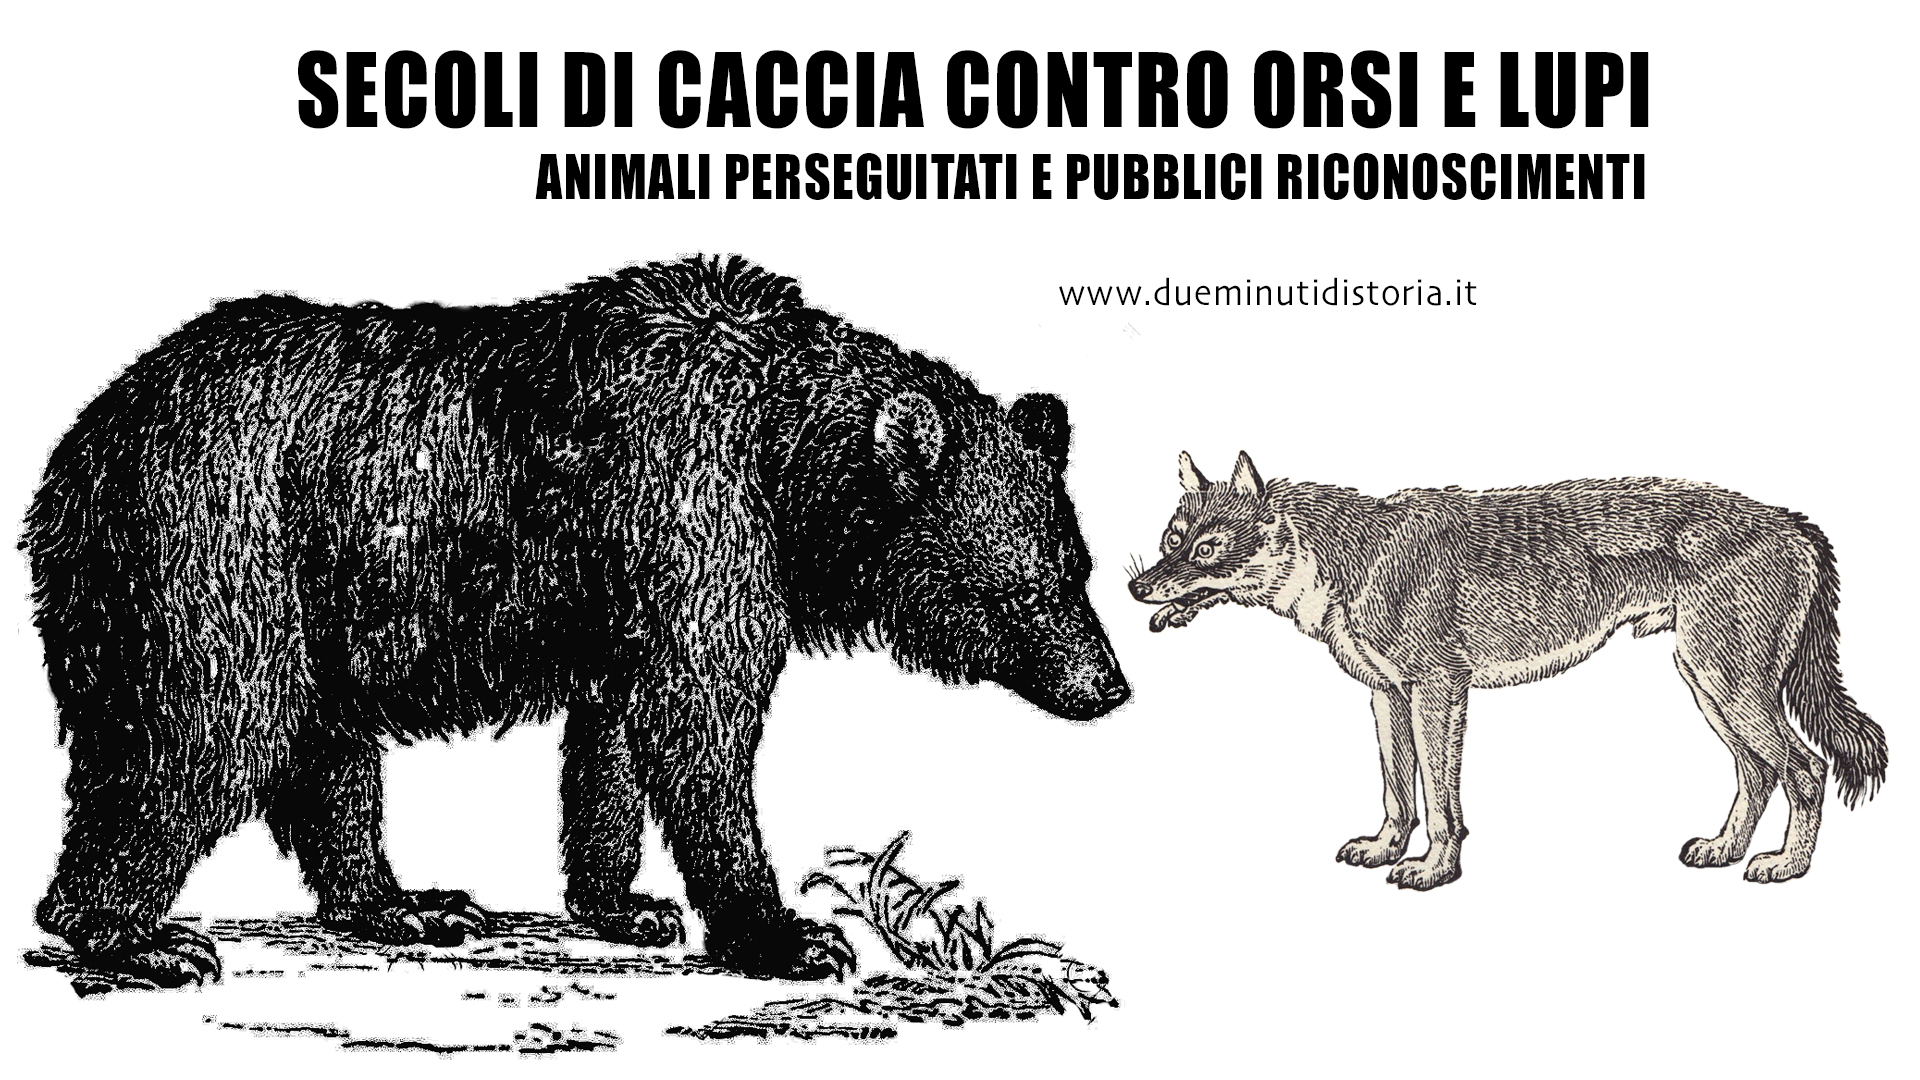 Secoli di caccia contro orsi e lupi